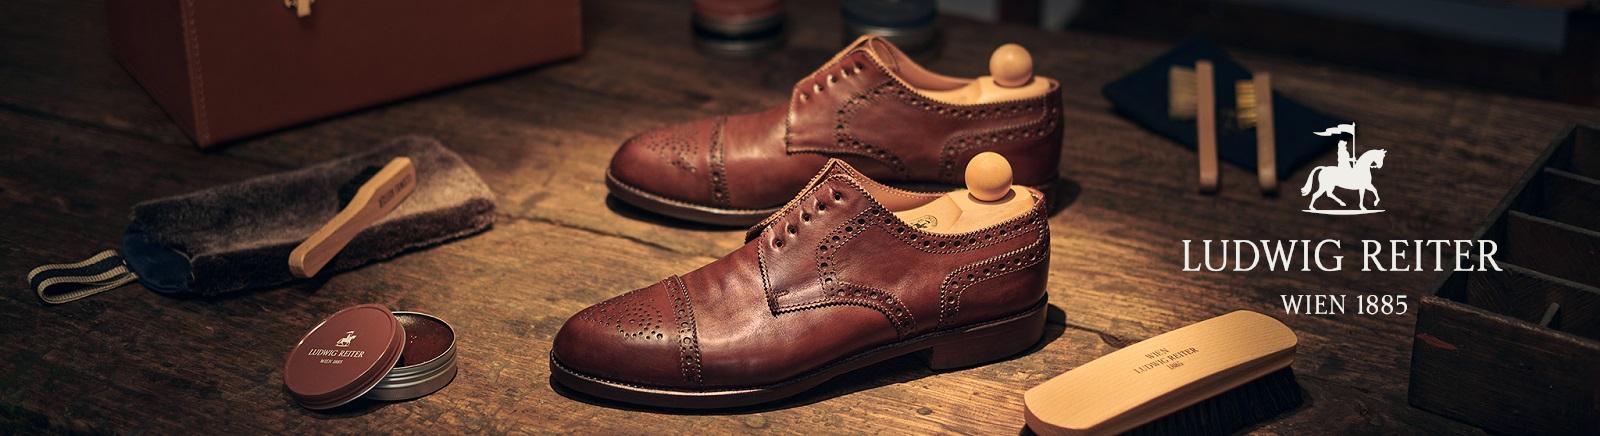 Ludwig Reiter Boots für Herren im Online-Shop von GISY kaufen